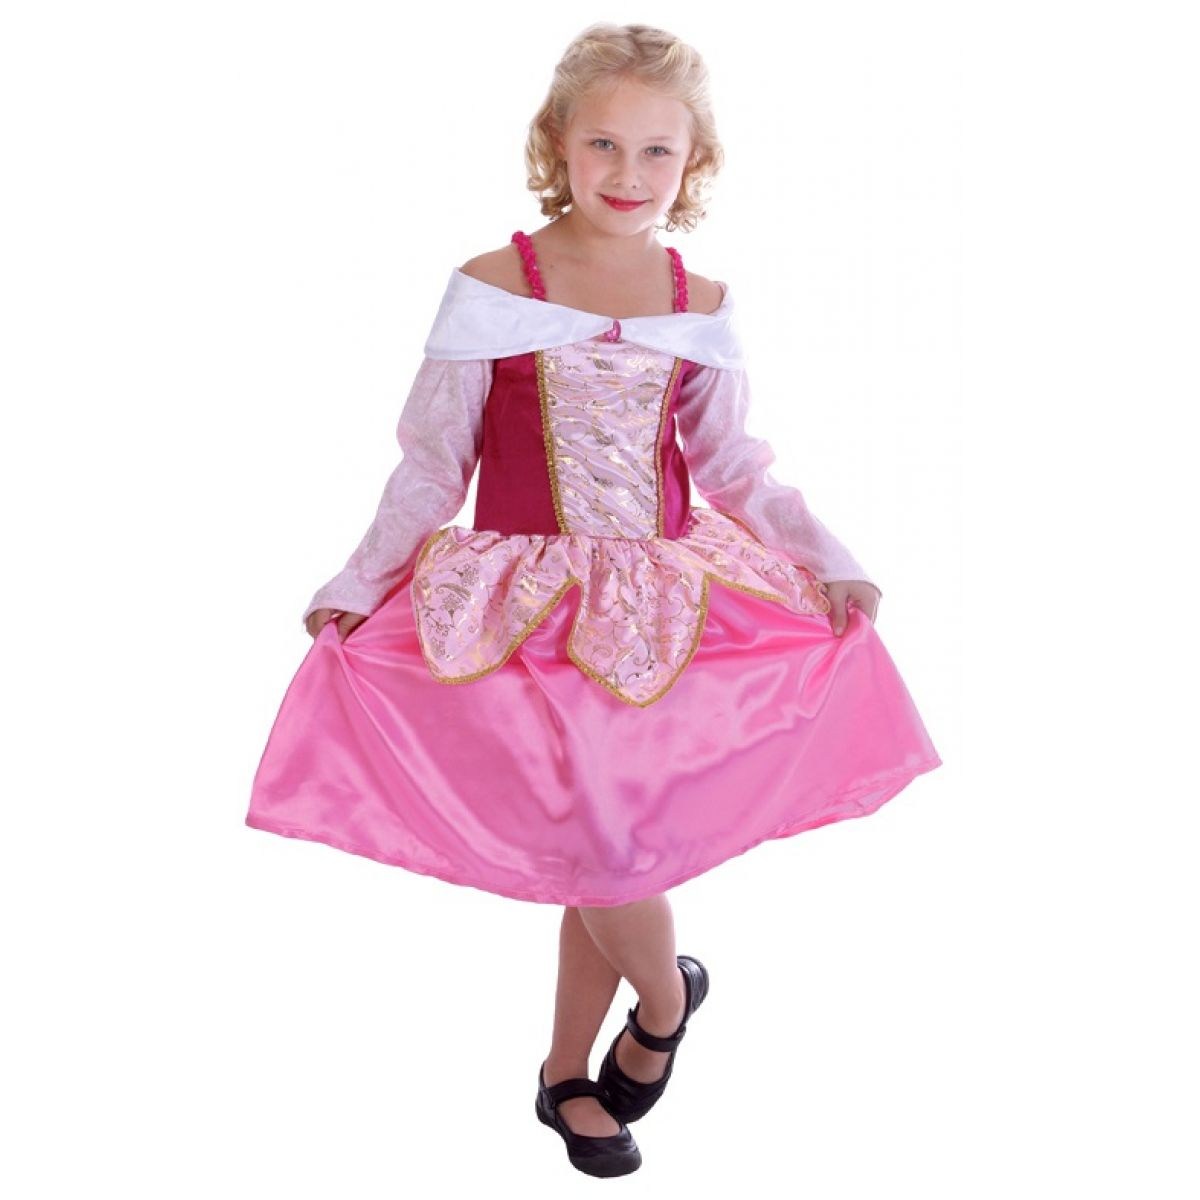 HM Studio Detský kostým Princezná 110 - 120 cm